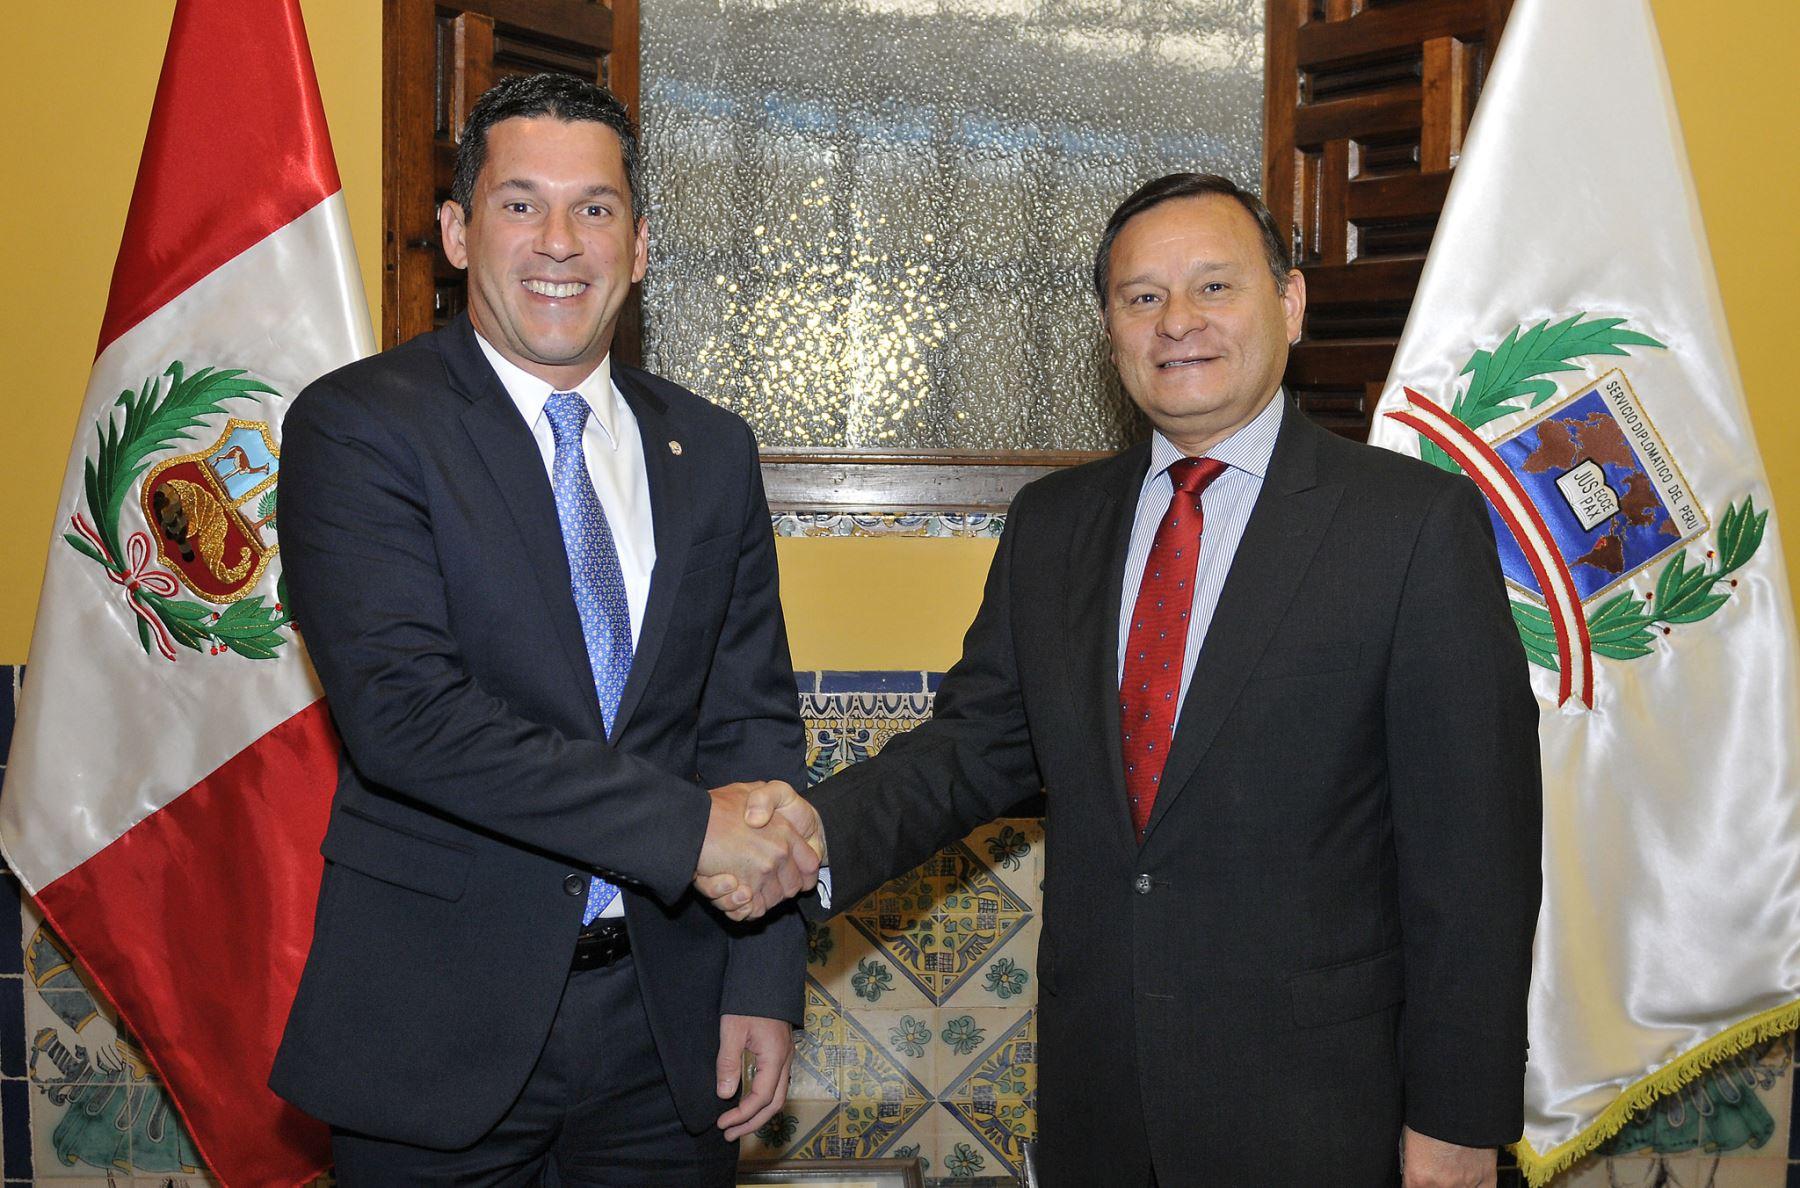 El viceministro de Relaciones Exteriores, Néstor Popolizio, y su homólogo panameño, Luis Miguel Hincapié.